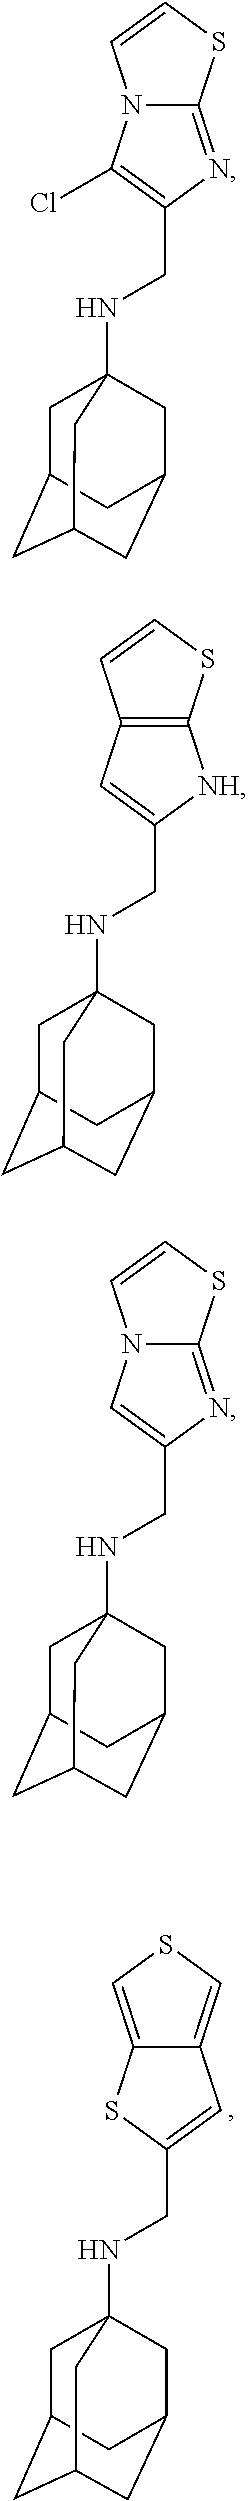 Figure US09884832-20180206-C00124